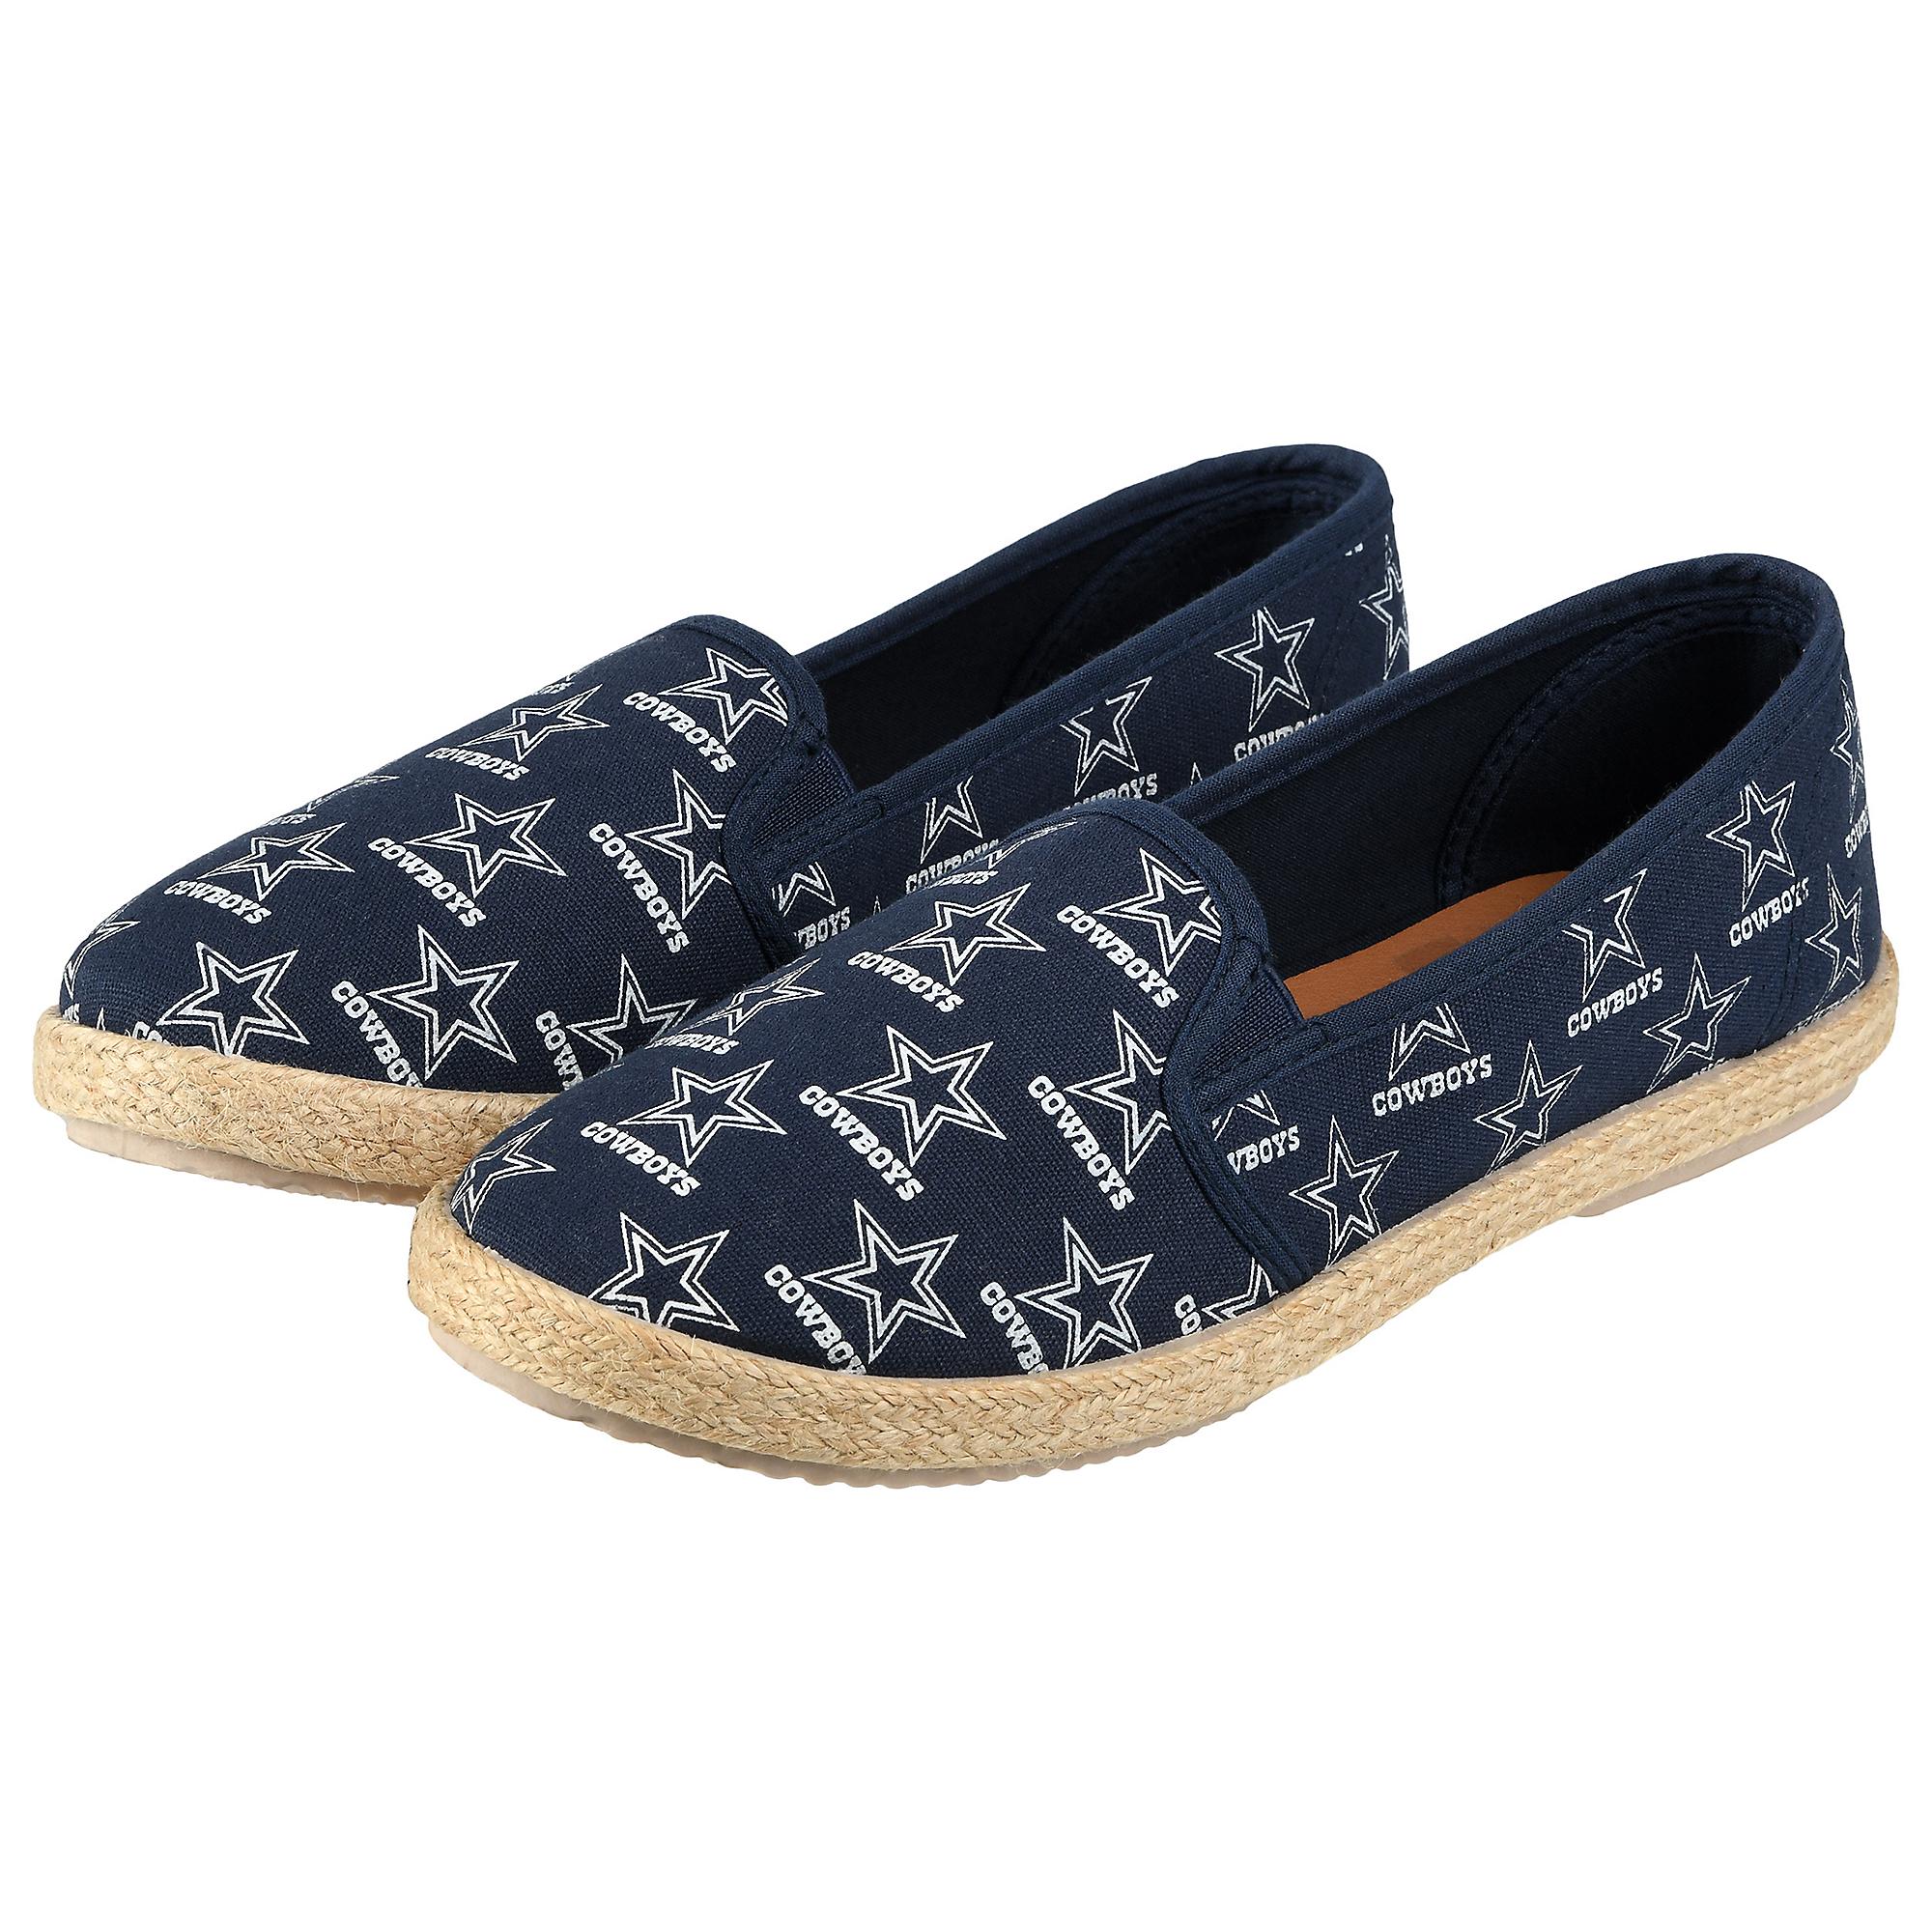 Dallas Cowboys Womens Espadrille Canvas Shoes